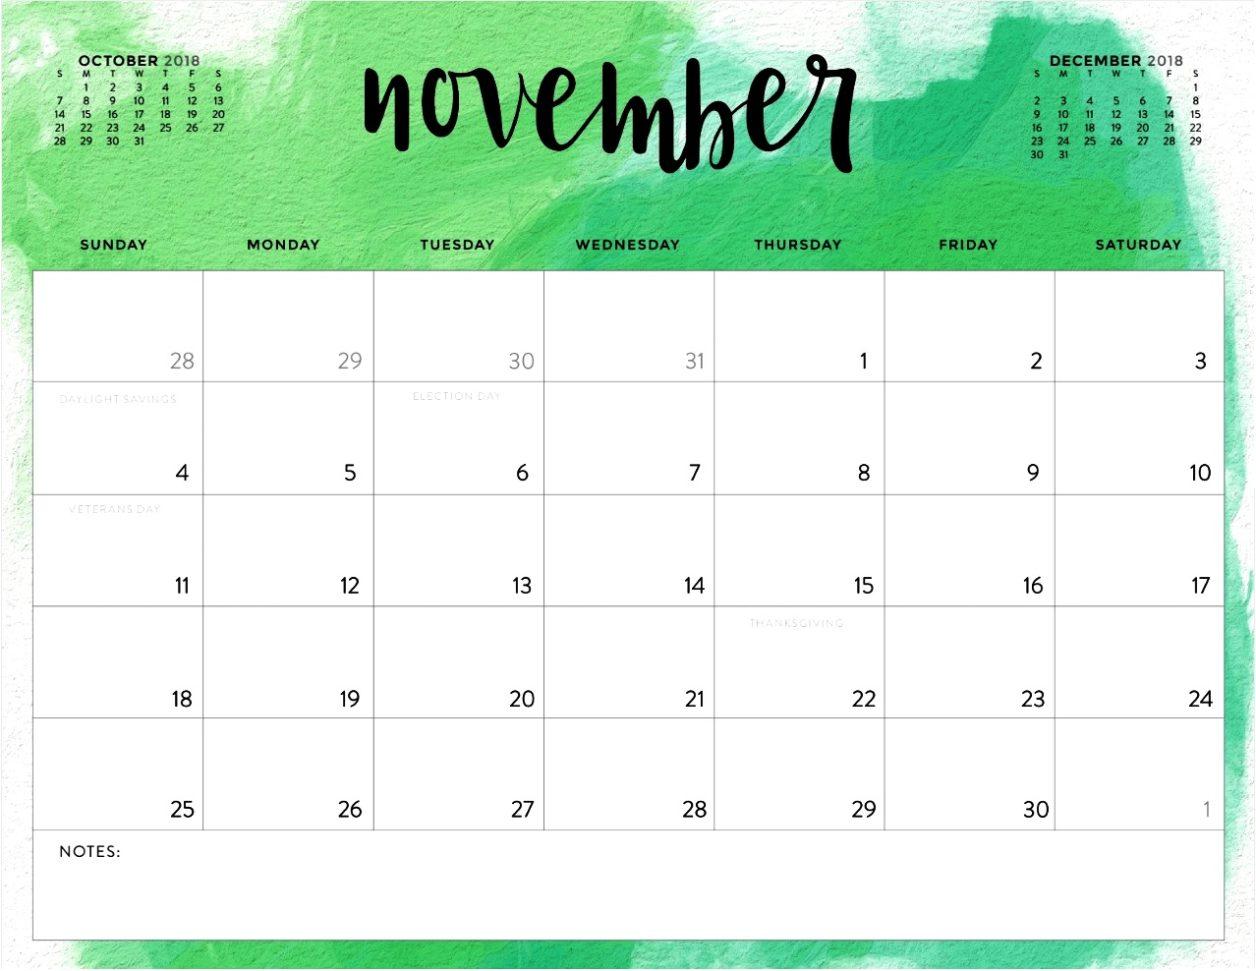 photograph about November Calendar Printable Pdf identified as CALENDAR 2018 NOVEMBER - November 2018 regular monthly calendar